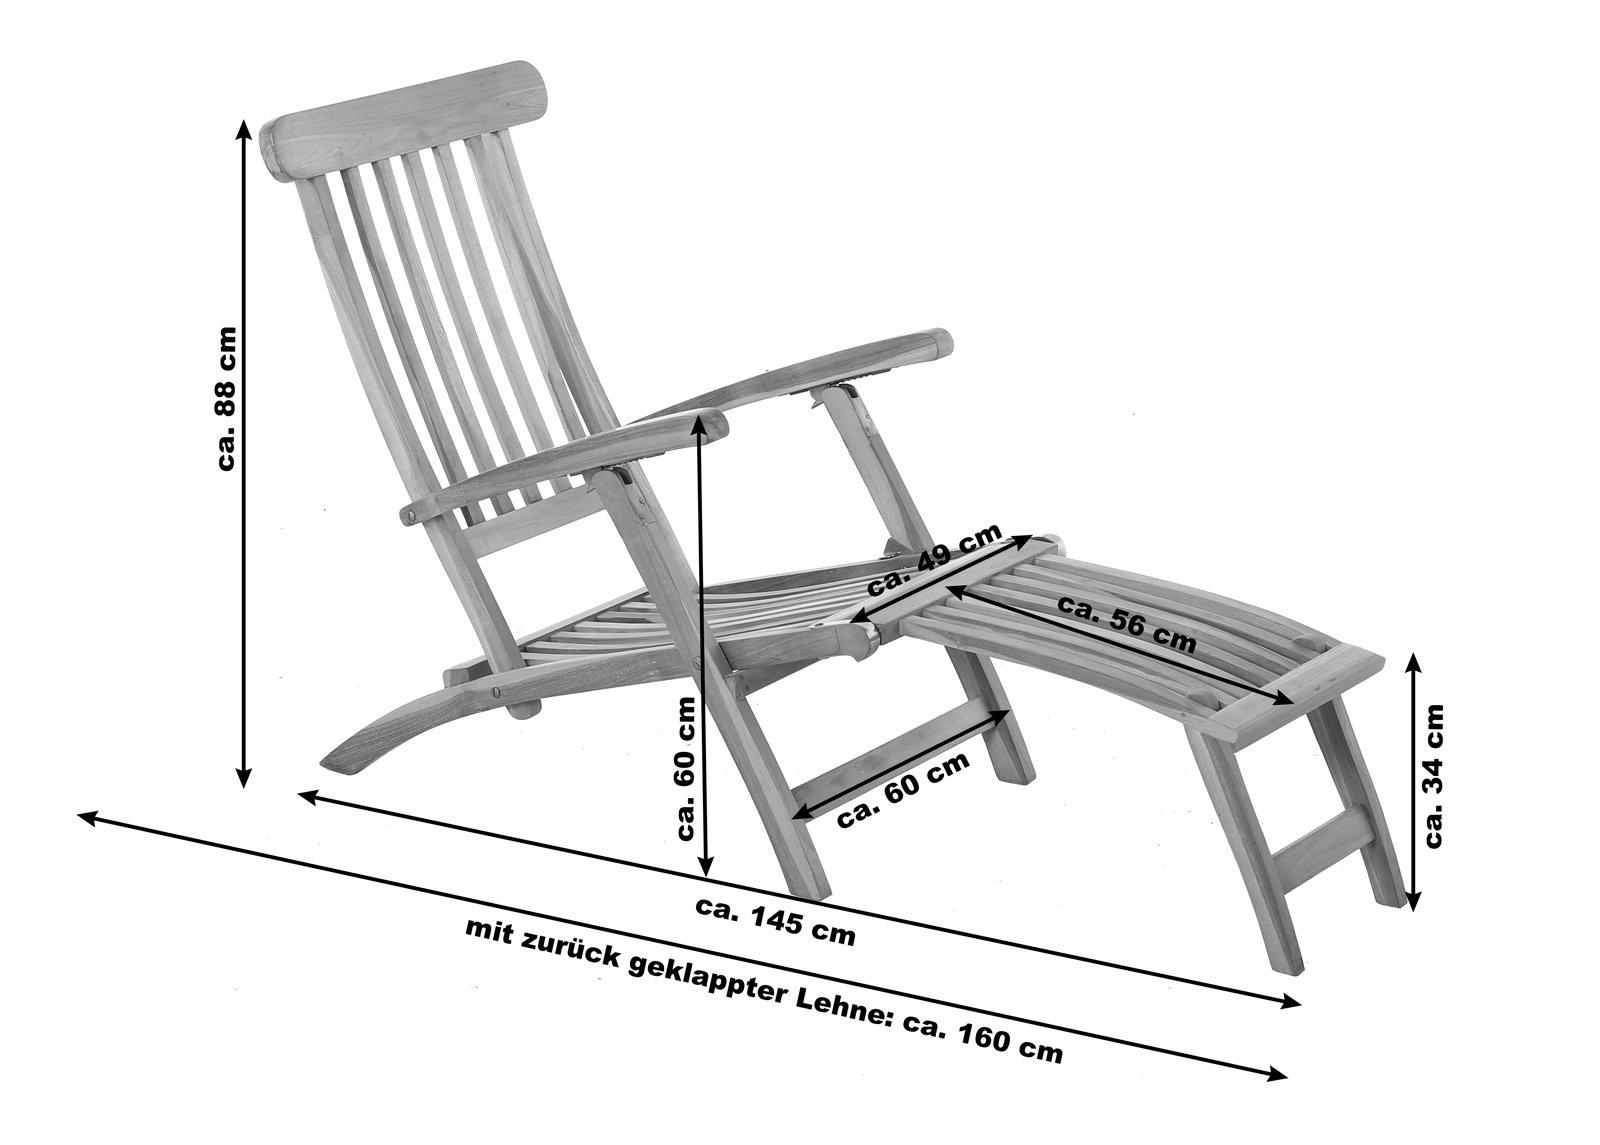 Full Size of Gartenliege Klappbar Sam Teakholz Deckchair 145 Cm Puccon Ausklappbares Bett Ausklappbar Wohnzimmer Gartenliege Klappbar